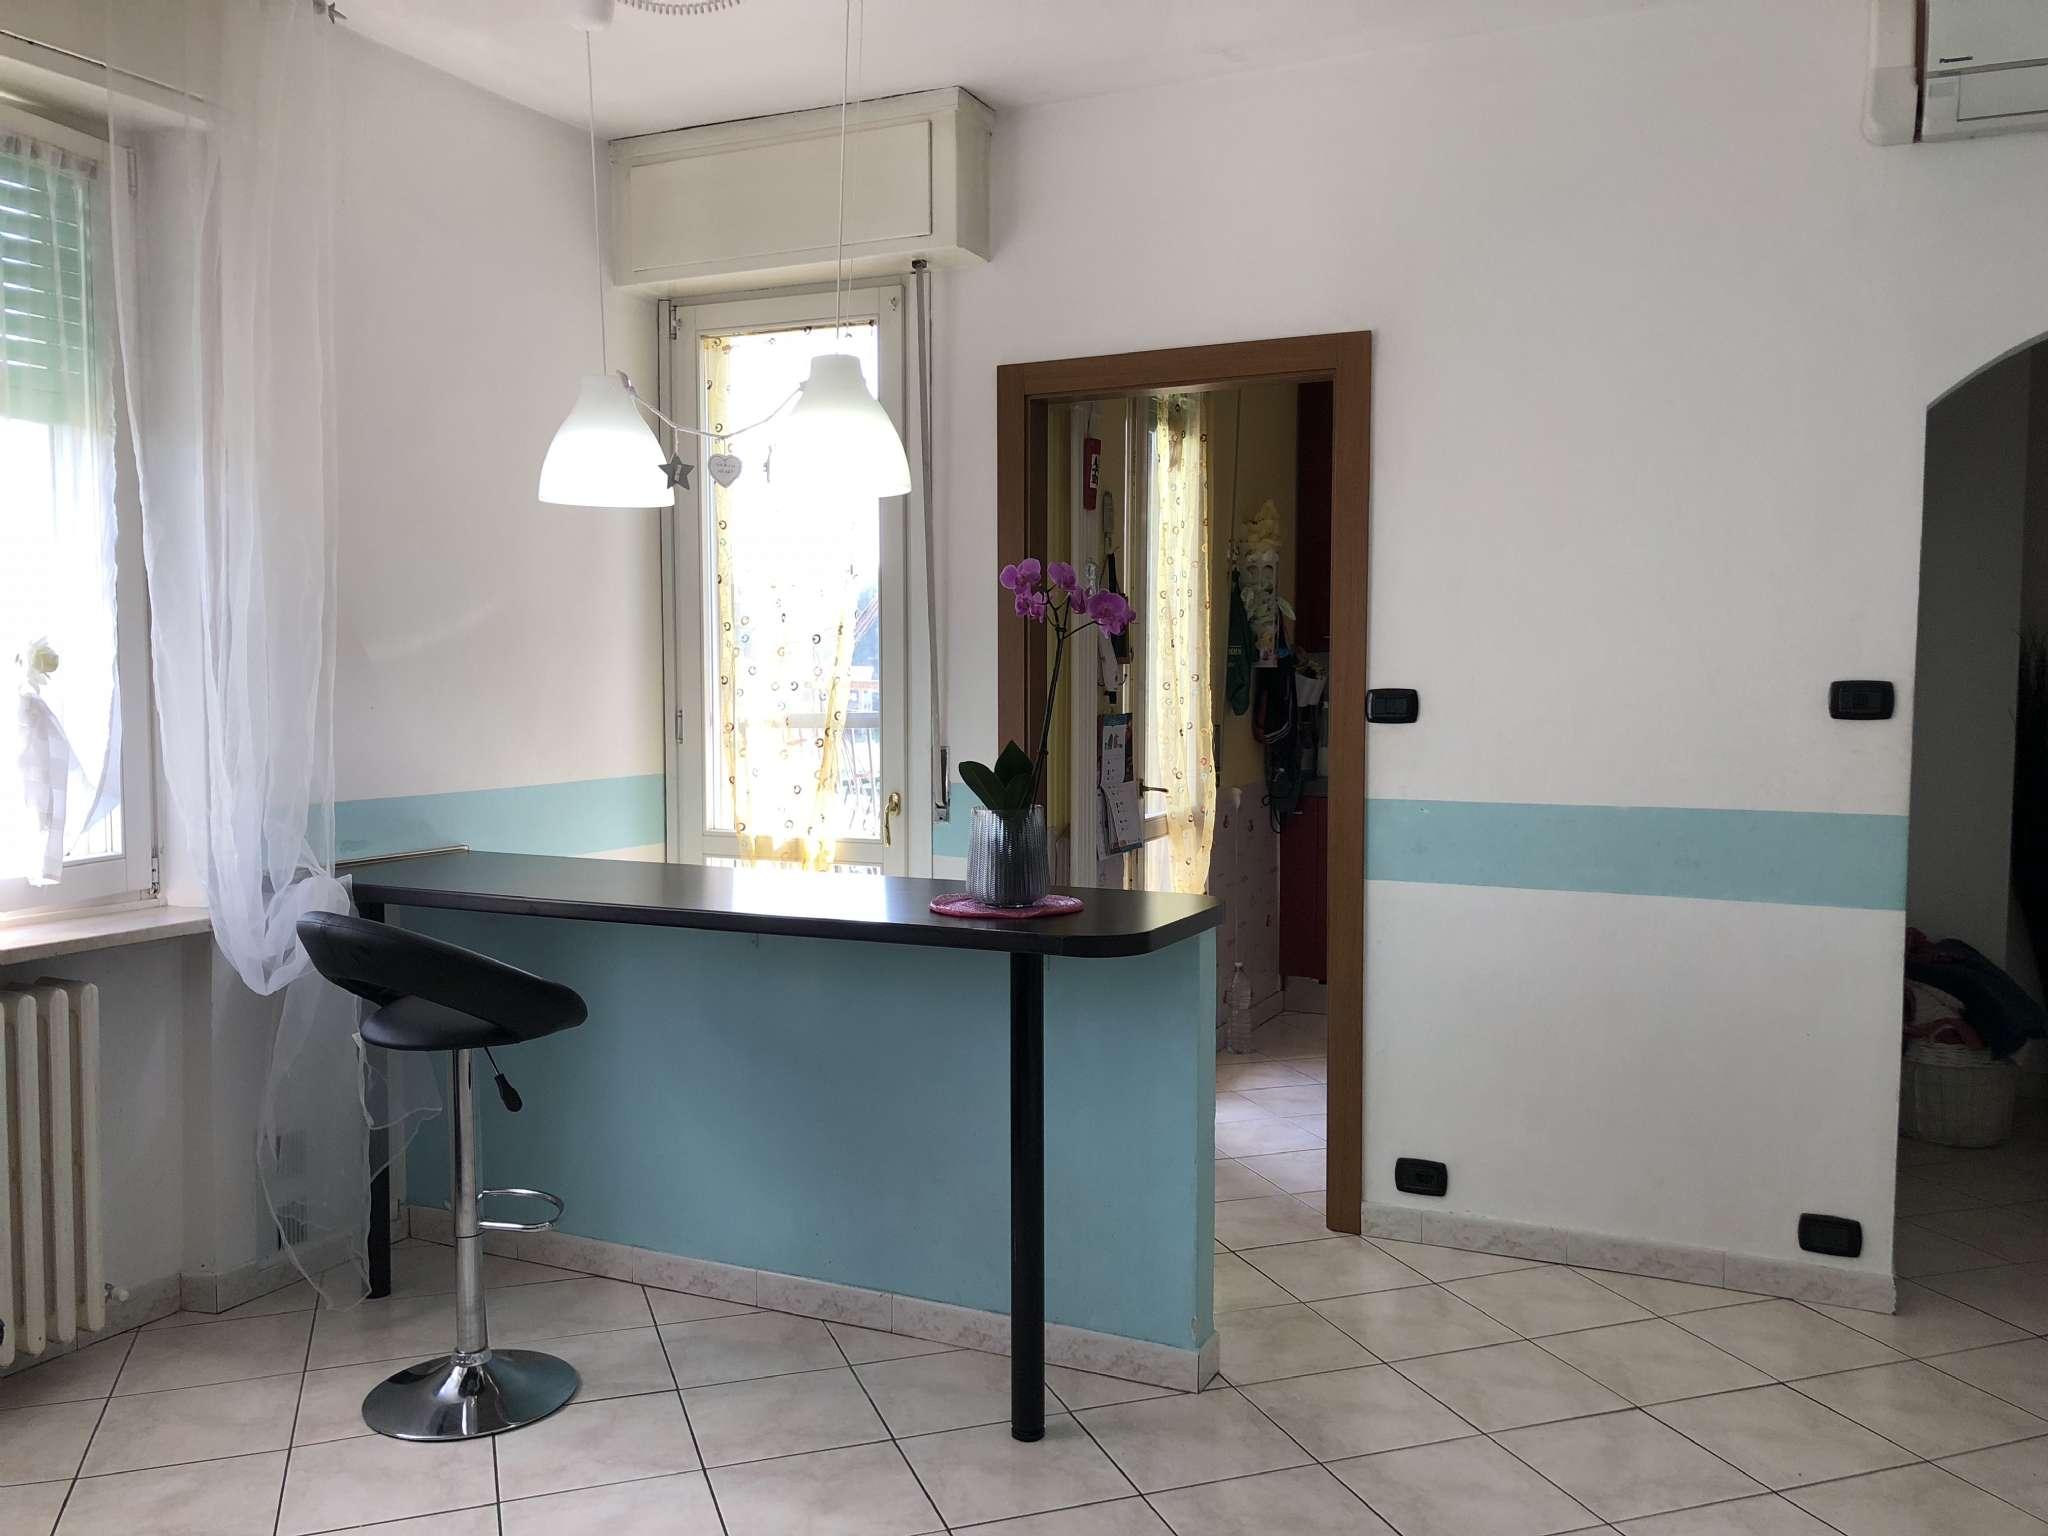 Appartamento in vendita a Gavirate, 4 locali, prezzo € 125.000 | CambioCasa.it